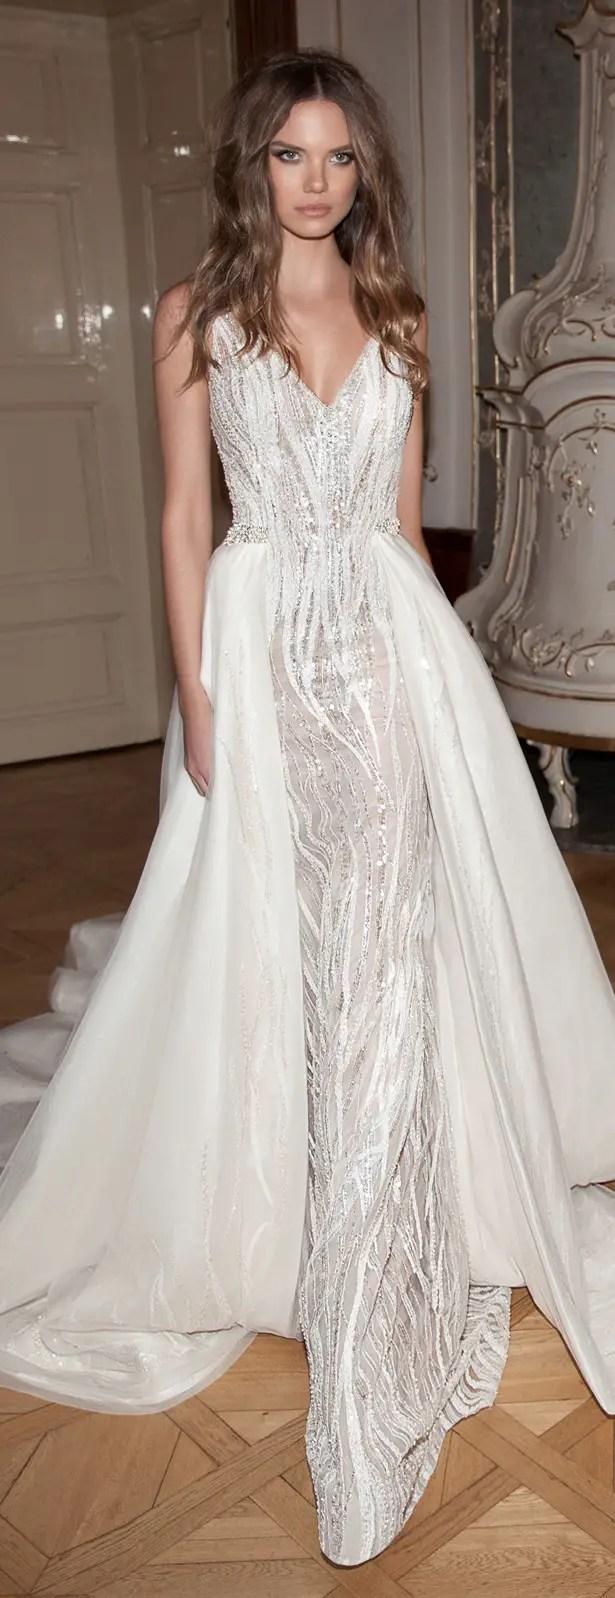 wedding dresses by berta bridal fall berta wedding dresses Wedding Dress by Berta Bridal Fall